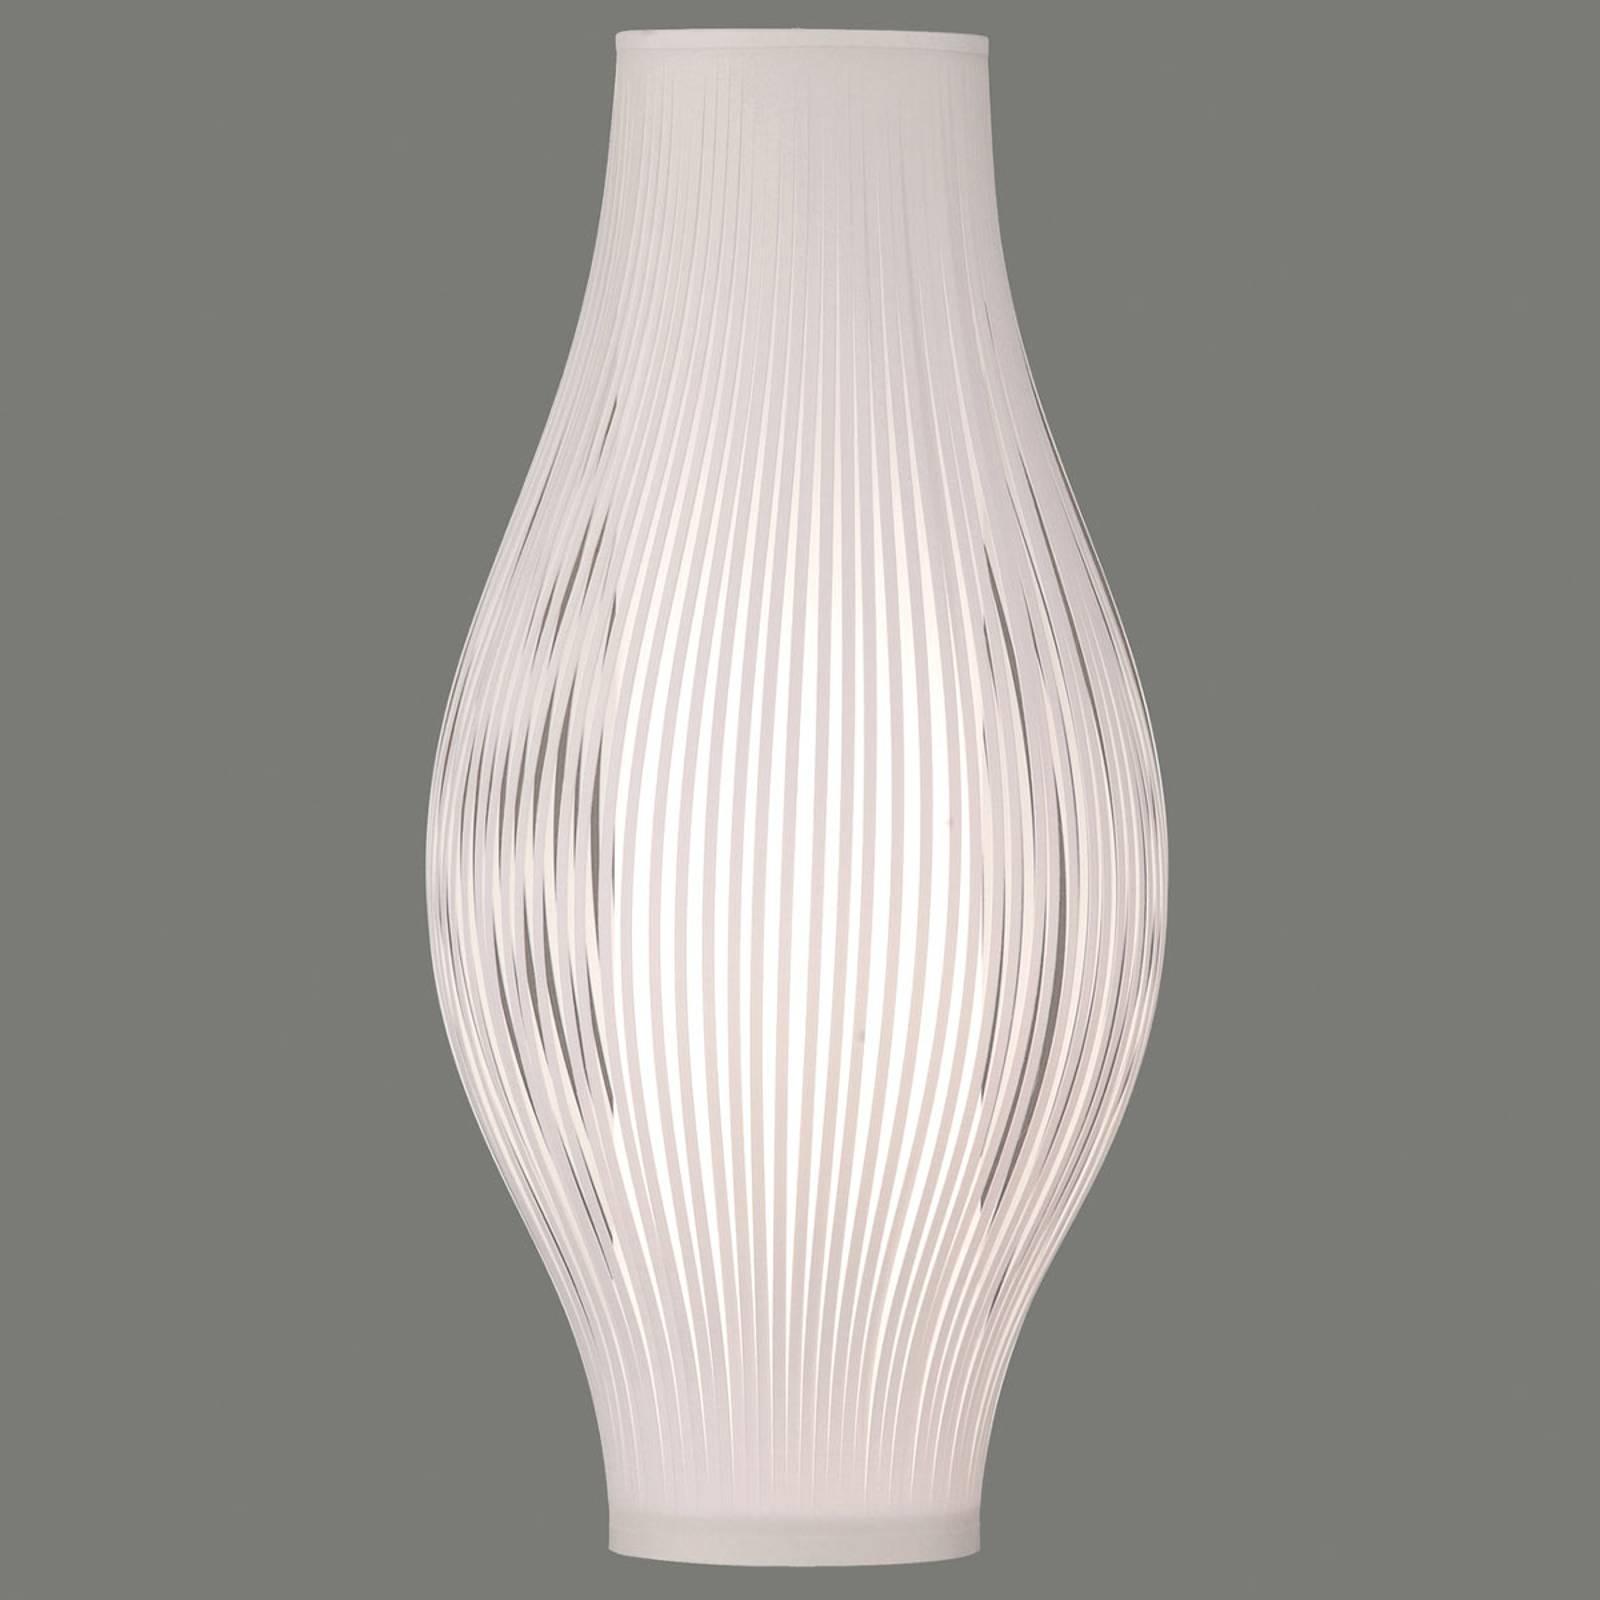 Pöytävalaisin Murta, 71 cm, valkoinen